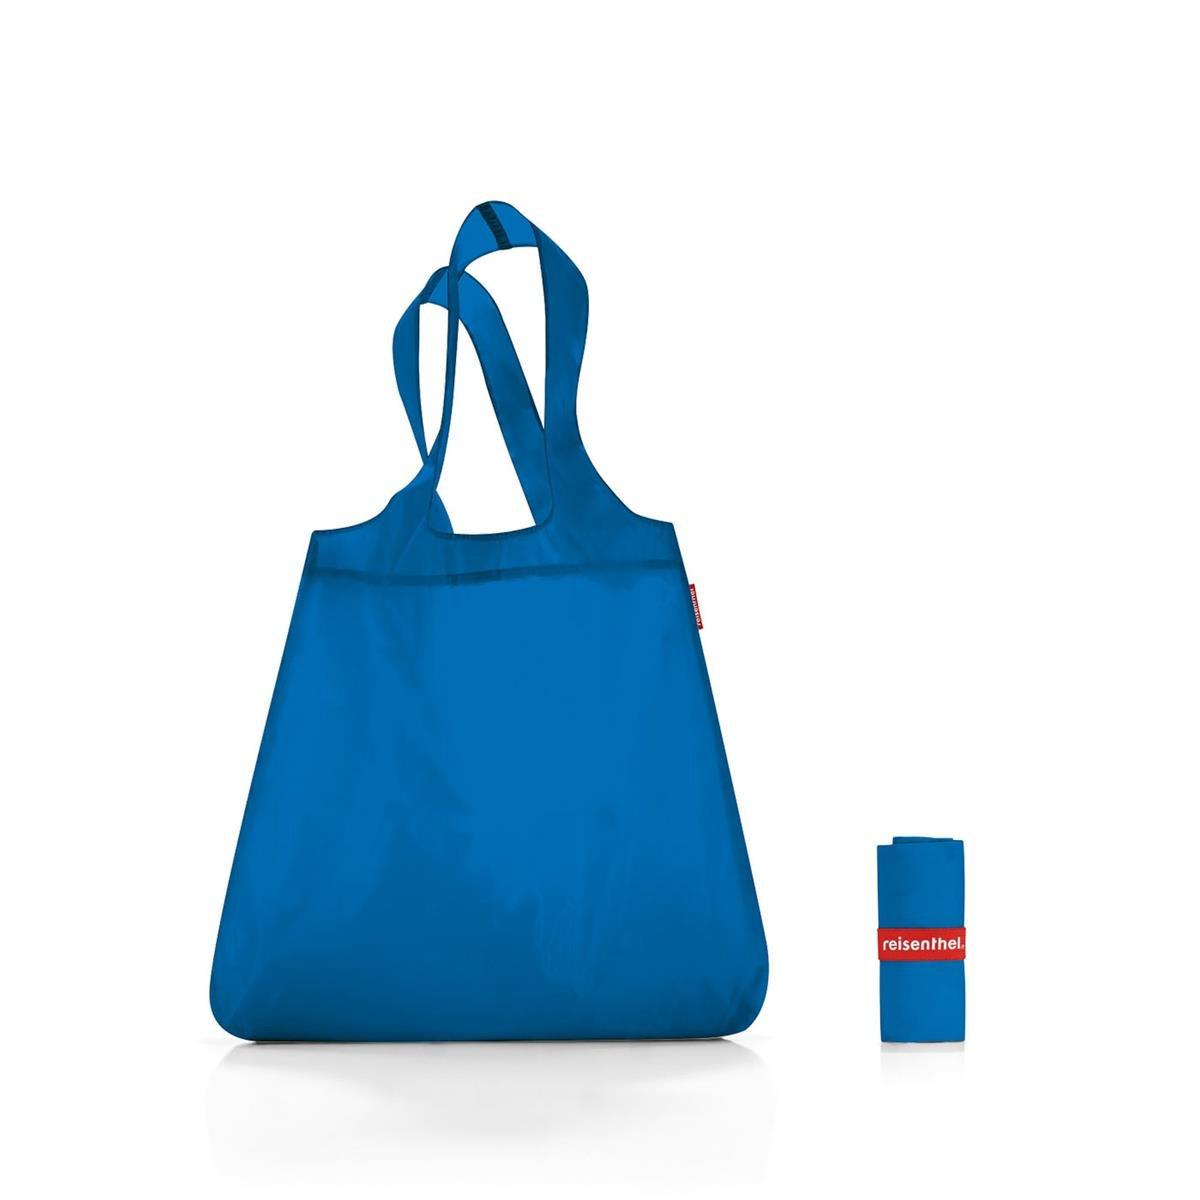 Reisenthel Sac de Sport Grand Format, French Blue (Bleu) - AT4054